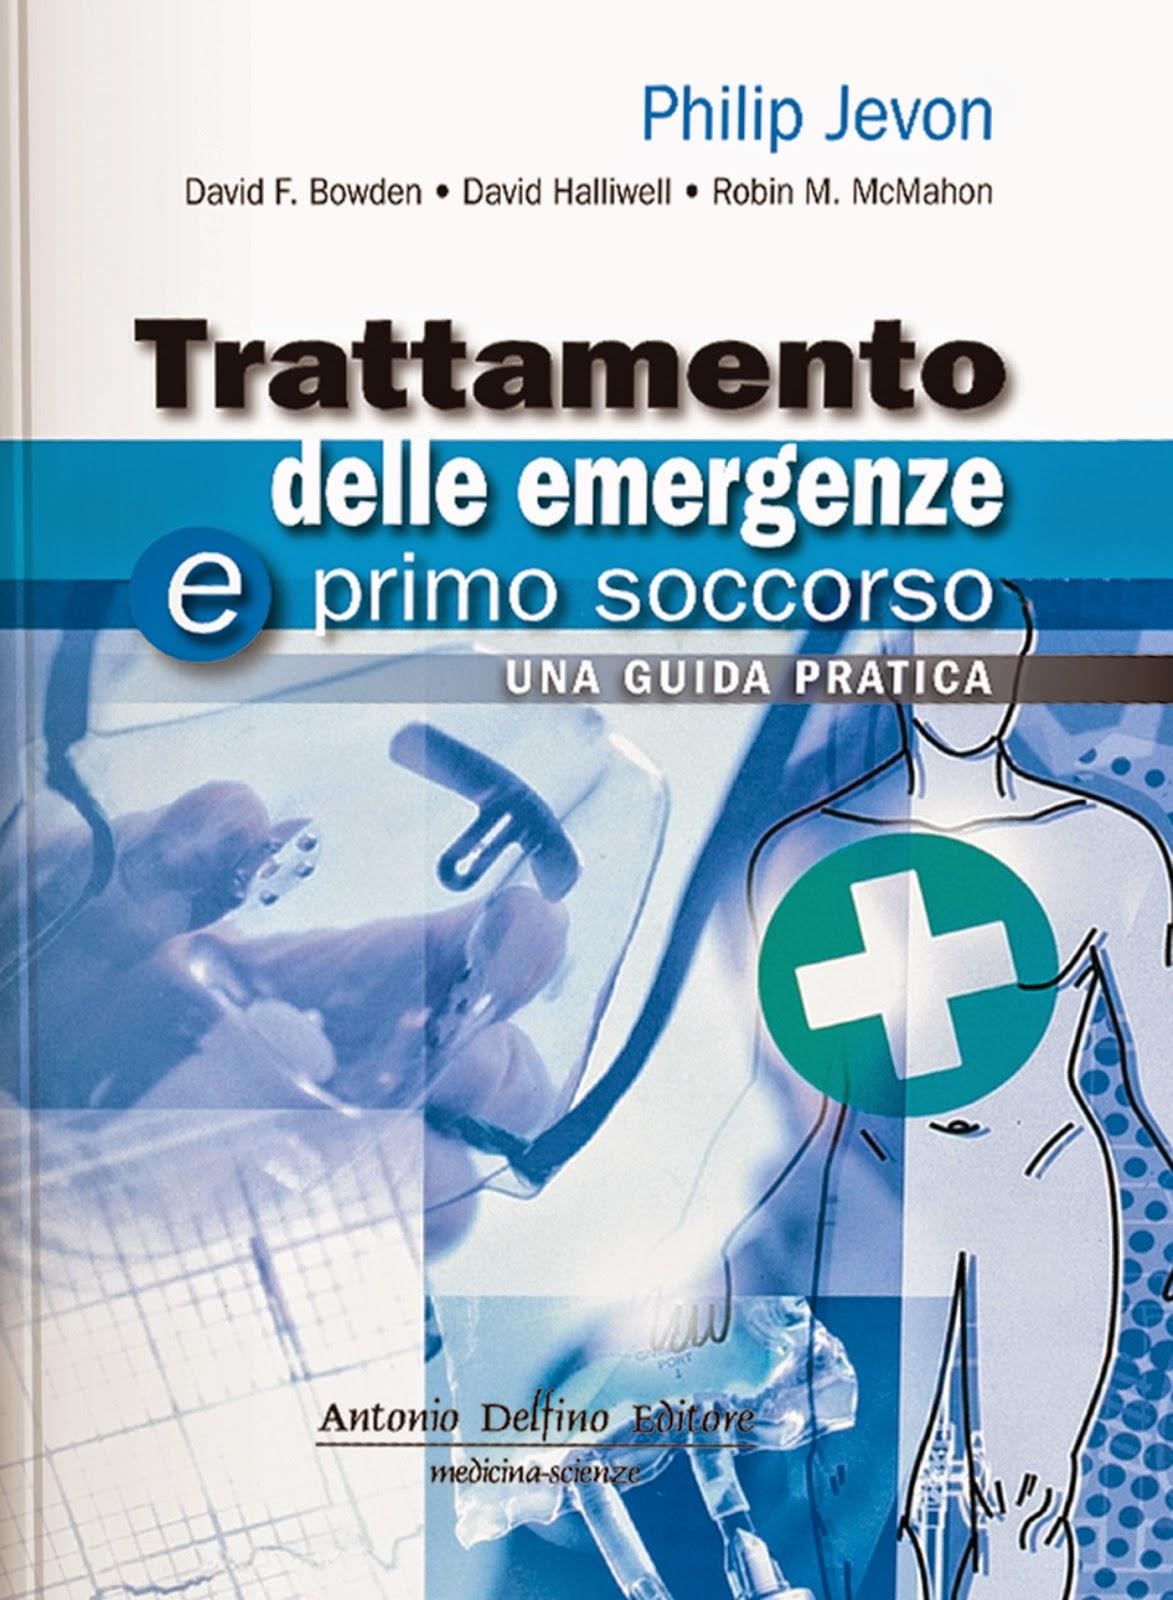 Trattamento Delle emergenze